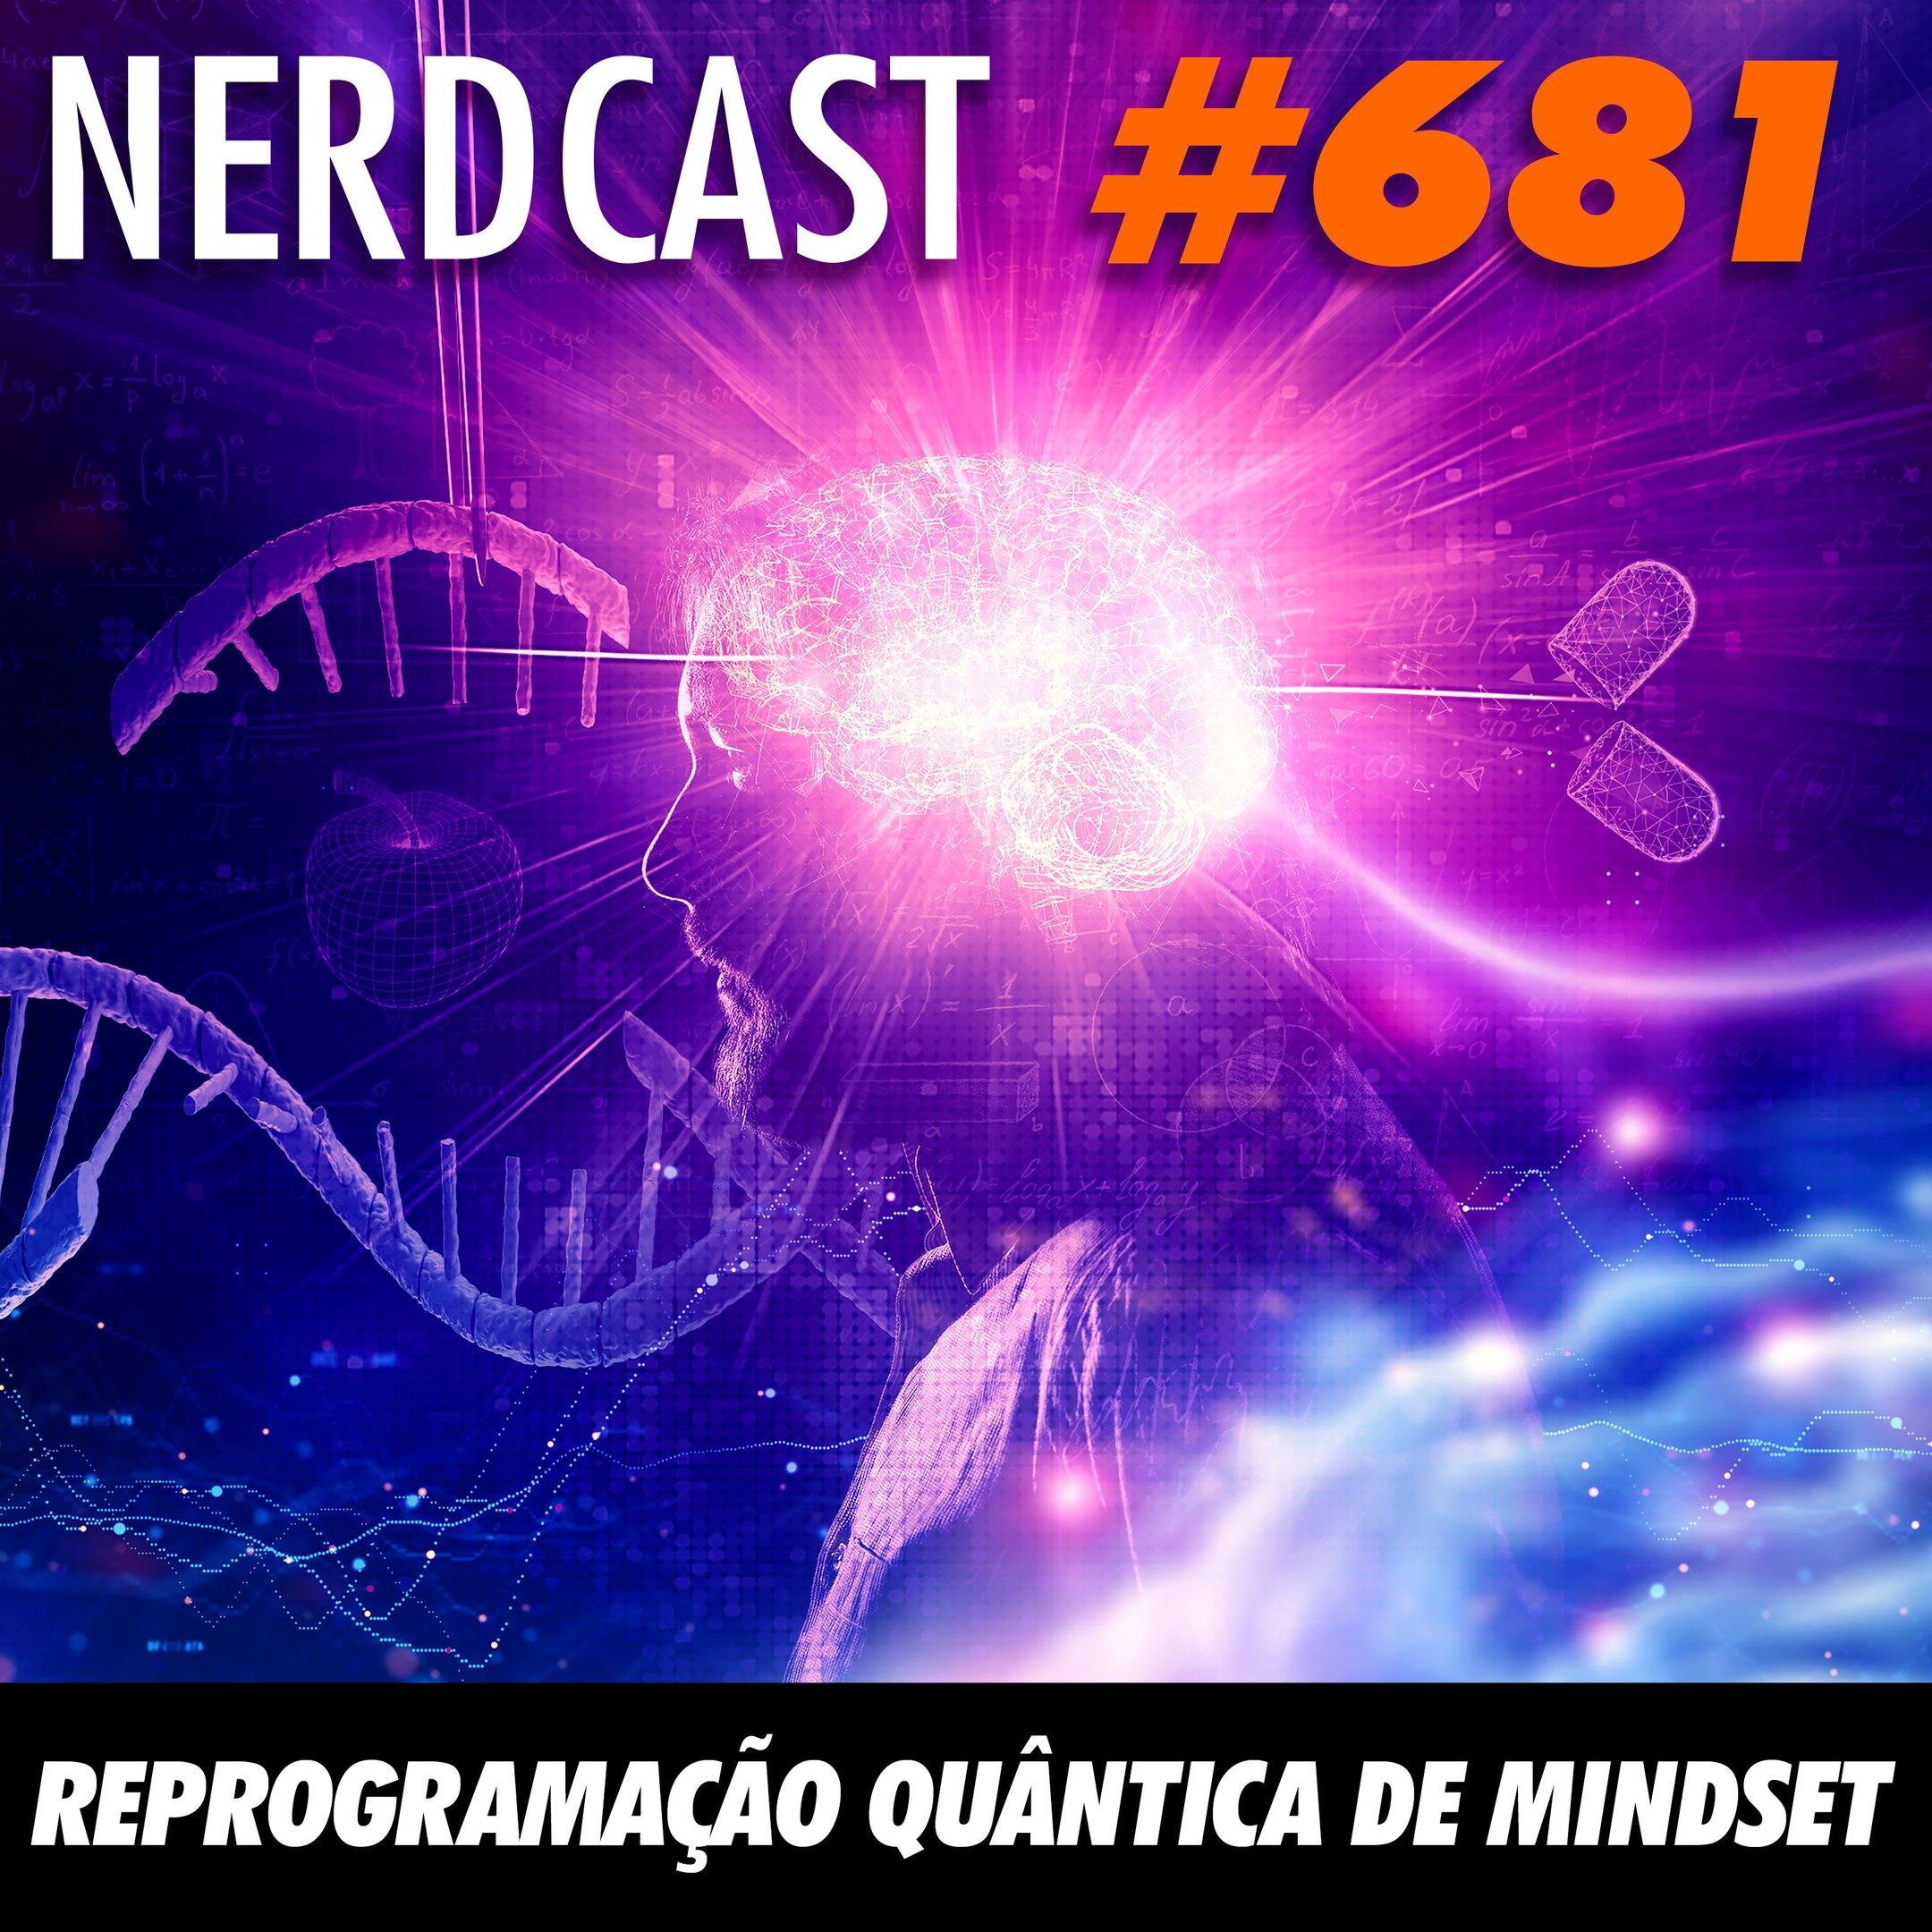 NerdCast 681 - Reprogramação Quântica de Mindset